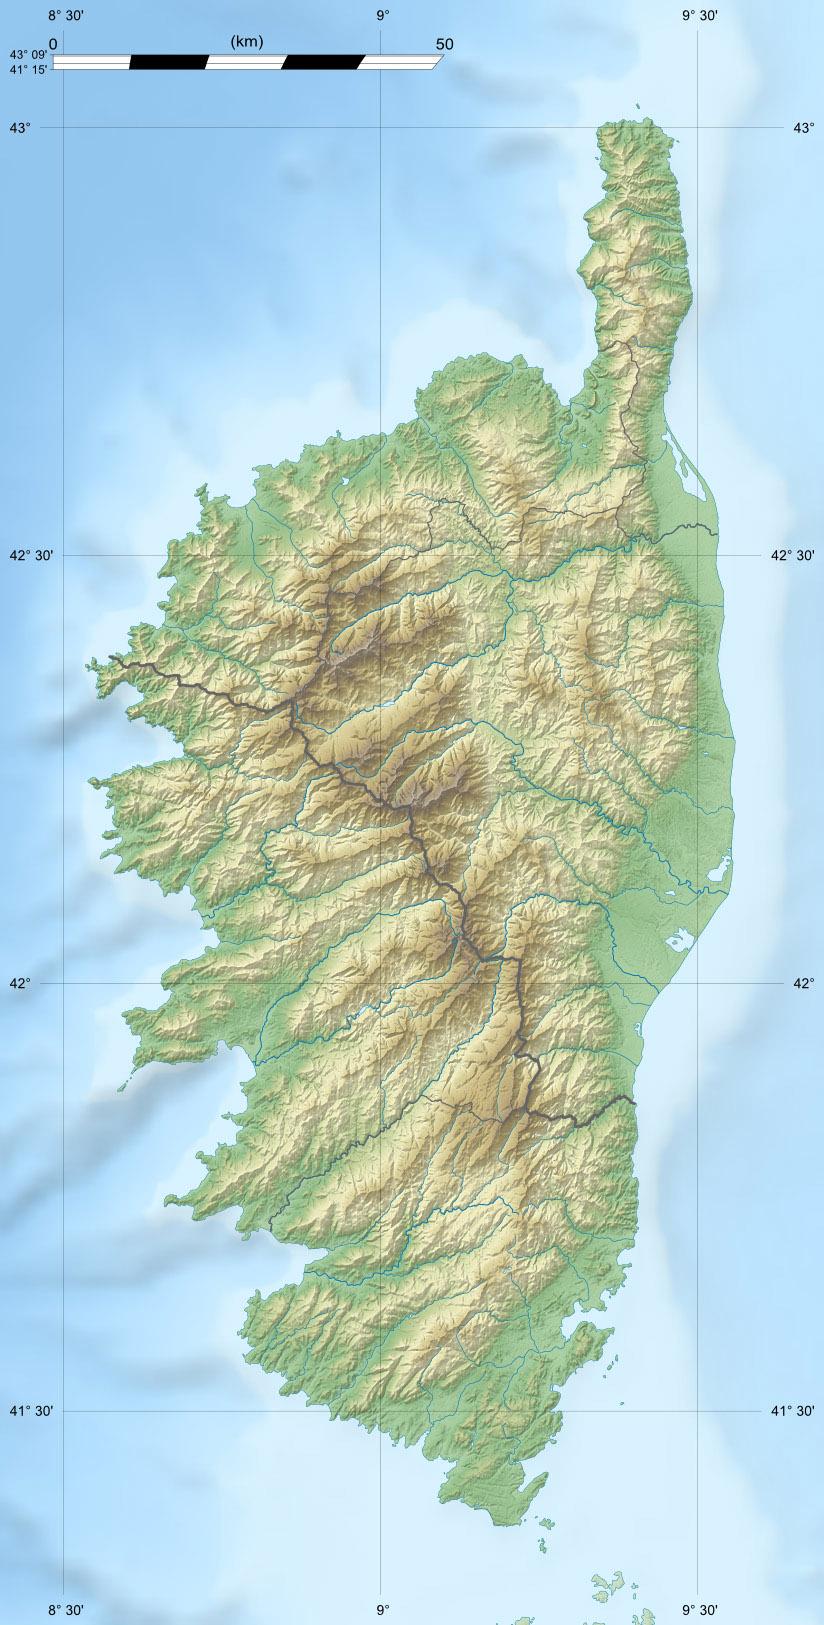 Carte Corse Monte Cinto.File Corse Region Relief Location Map Jpg Wikimedia Commons